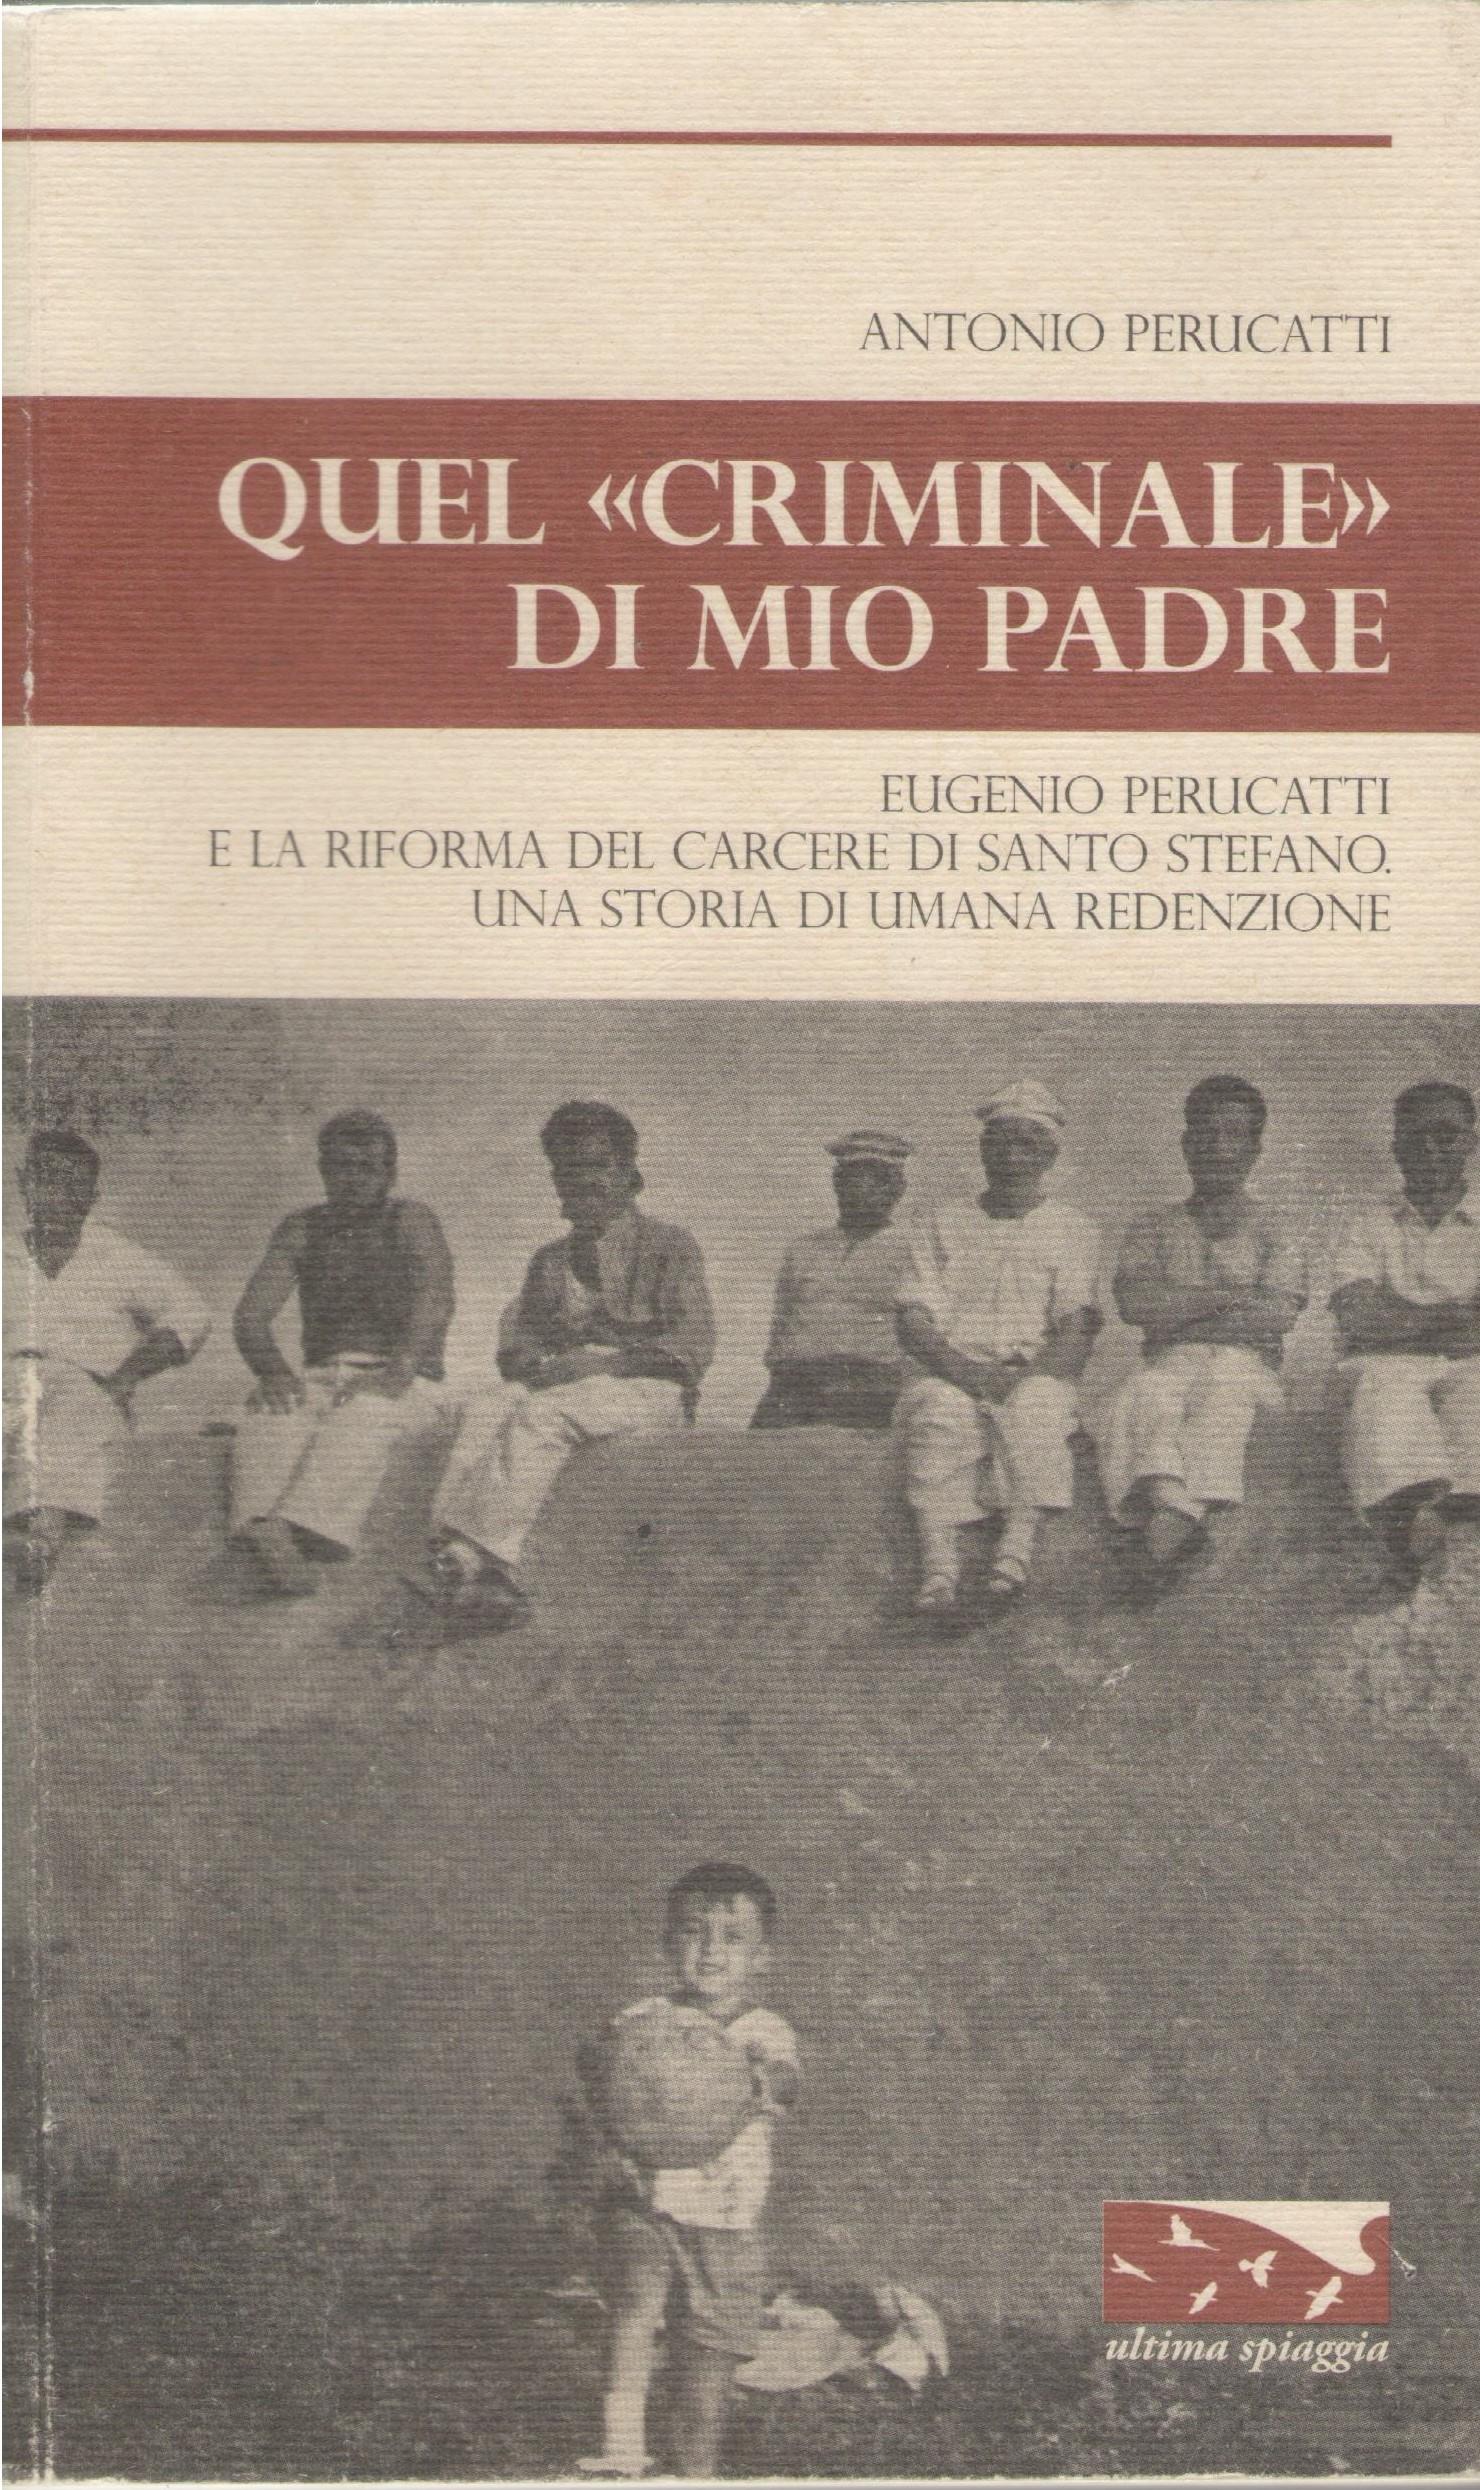 Antonio Perucatti, scrittore ponziano